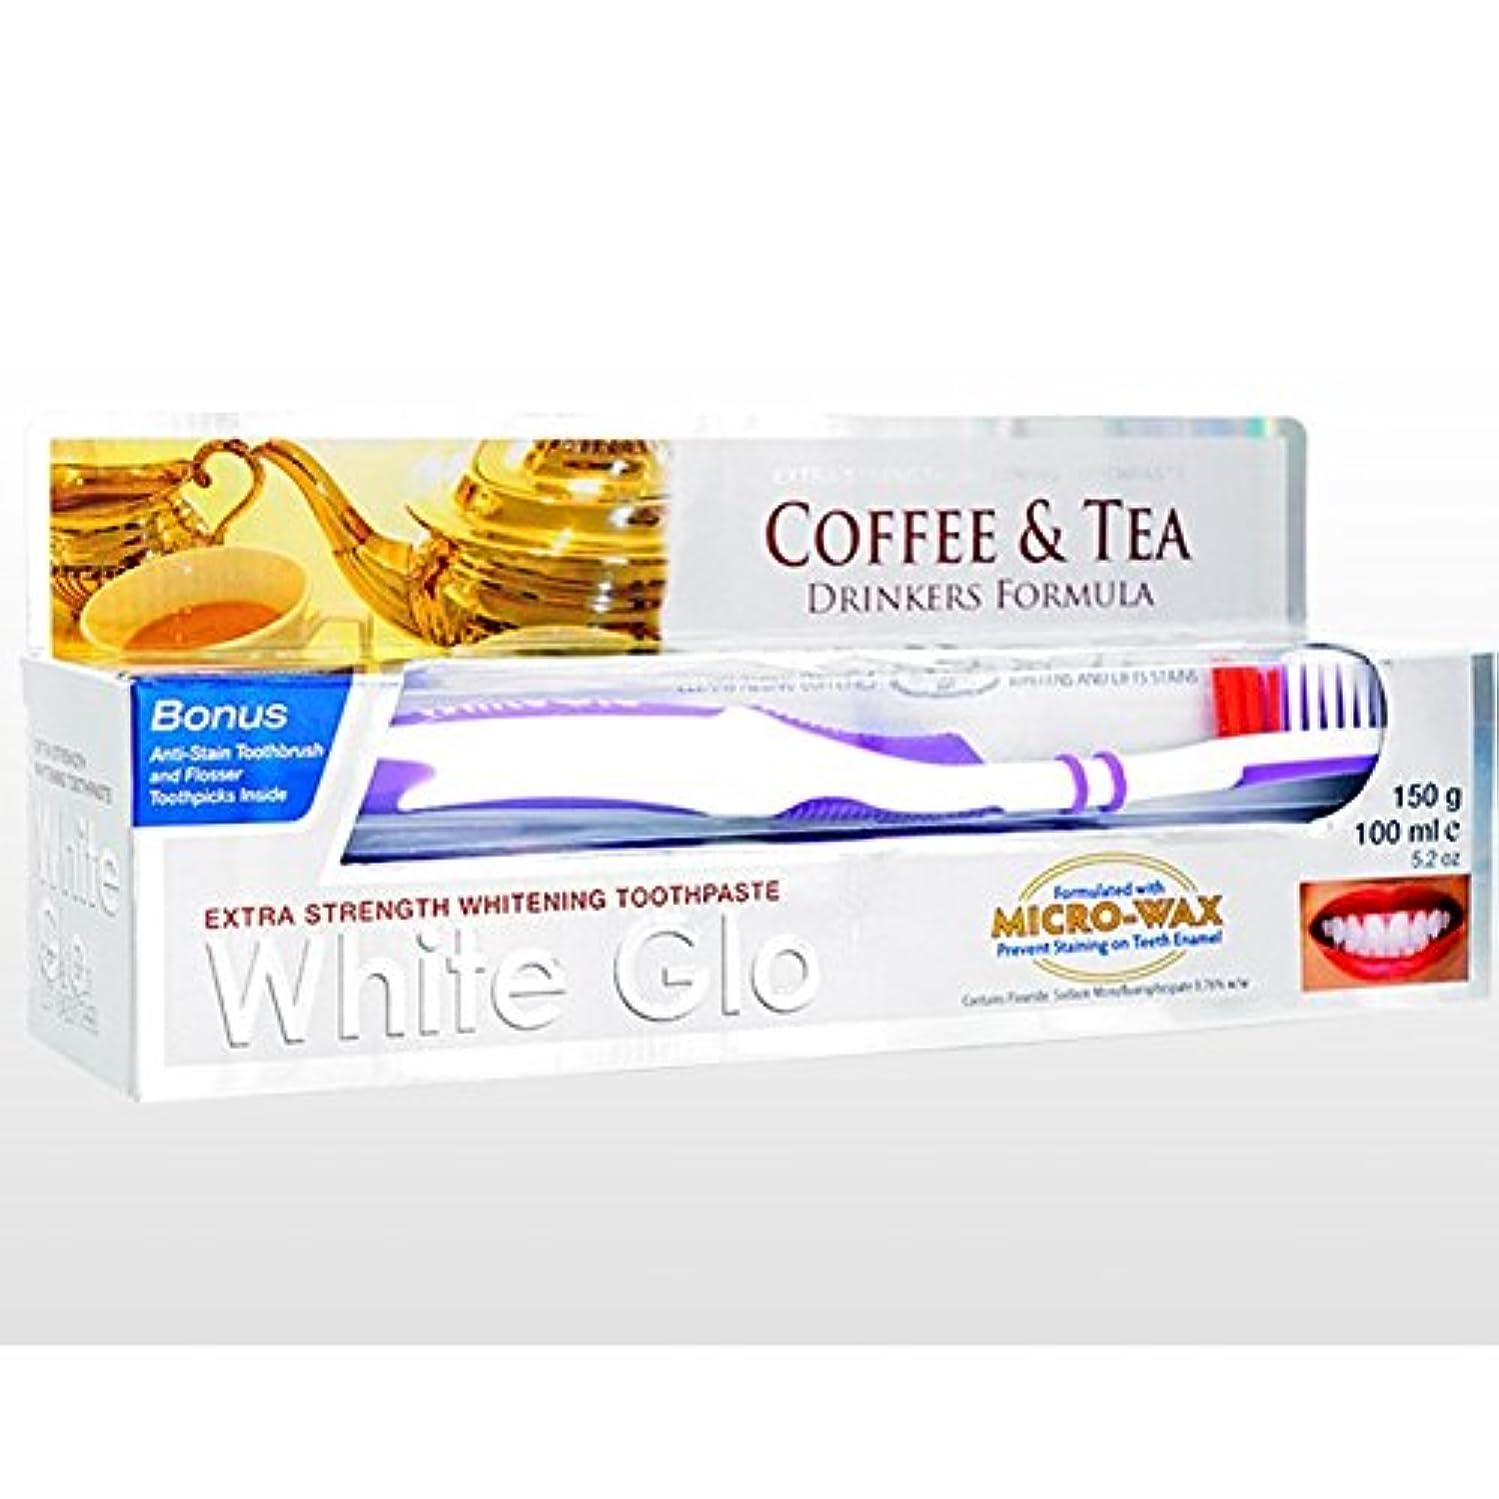 絶壁チャーター若さホワイトグロ ホワイトニングトゥースペースト(コーヒー&ティードリンカーズフォーミュラー)150g 1本